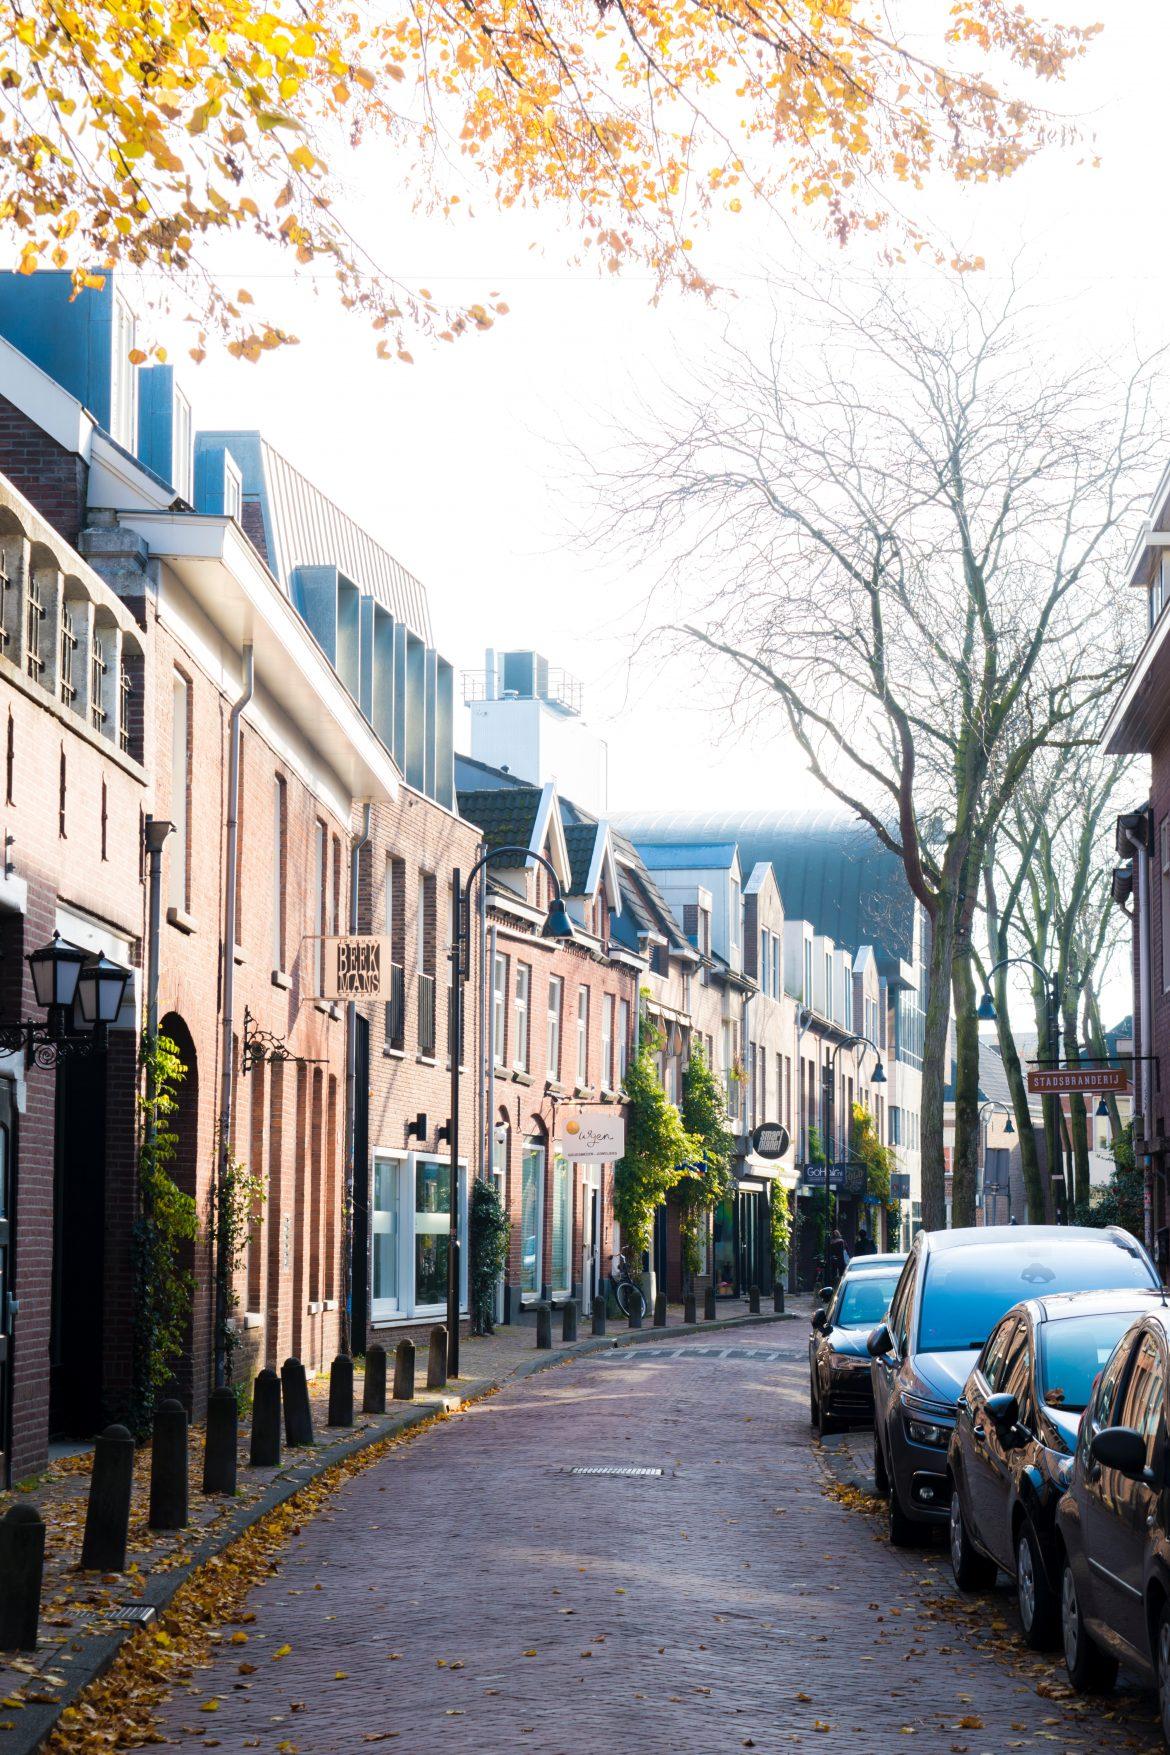 Hoe kan een makelaar helpen bij het kopen van een woning in Eindhoven?